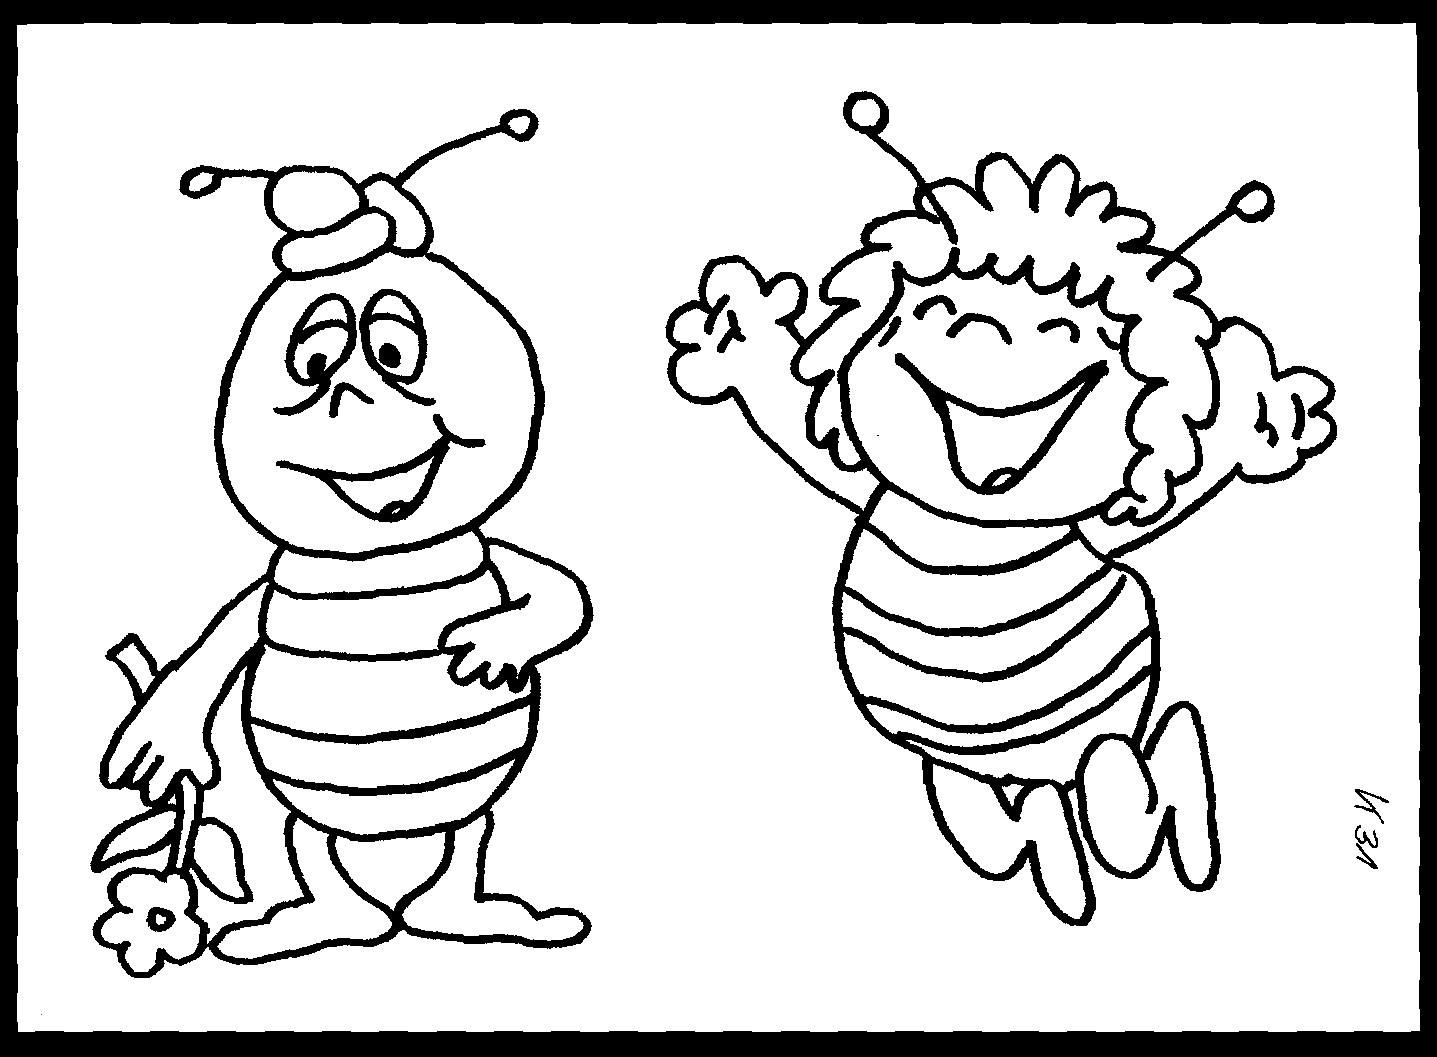 Biene Maja Willi Malvorlage Inspirierend 35 Inspirierend Ausmalbilder Biene Maja Und Willi Malvorlagen Bilder